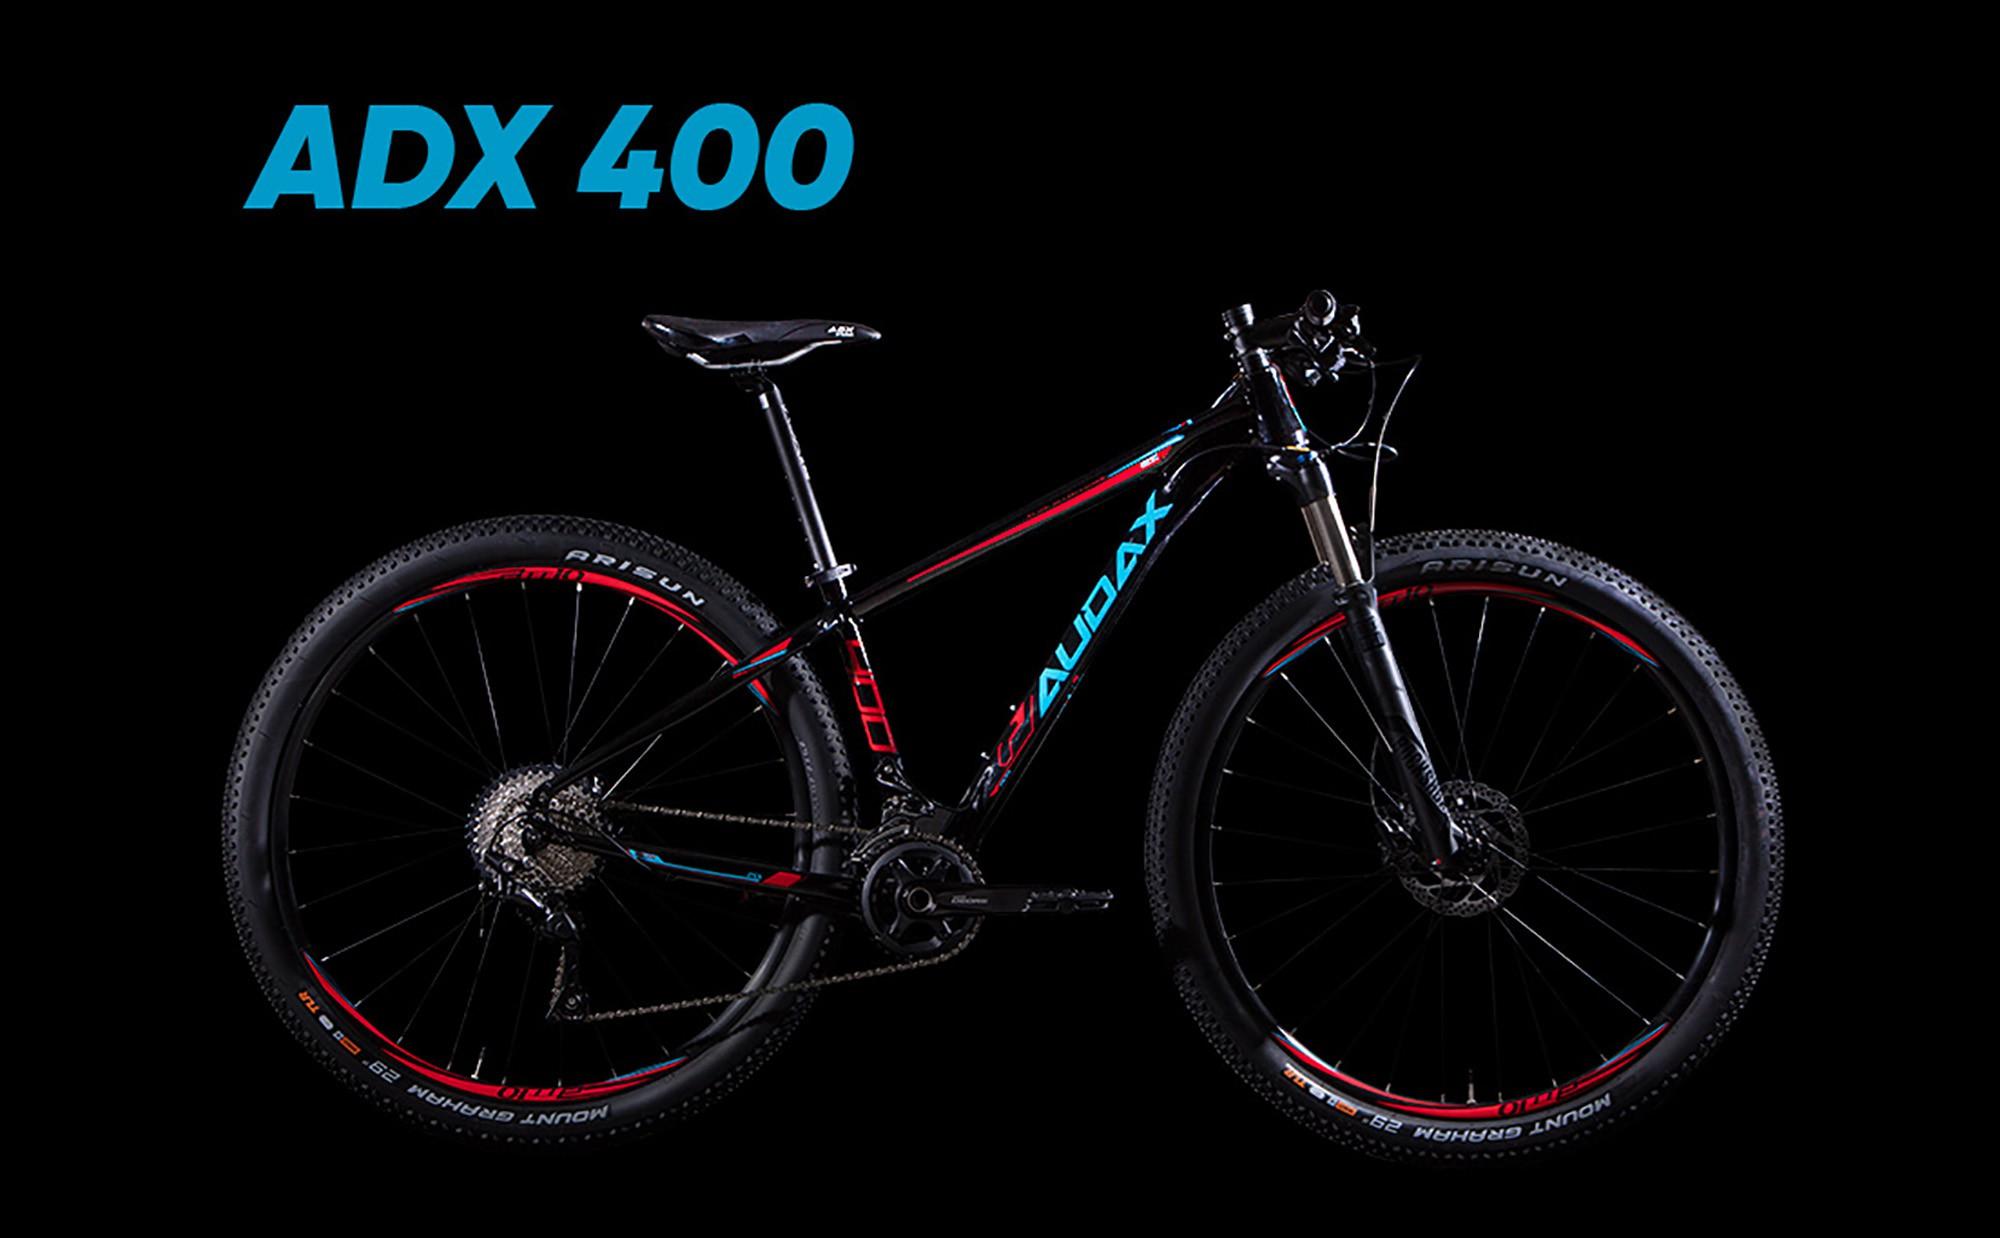 """BICICLETA 29 ADX 400 TAM 19"""" 2020 20V- AUDAX"""